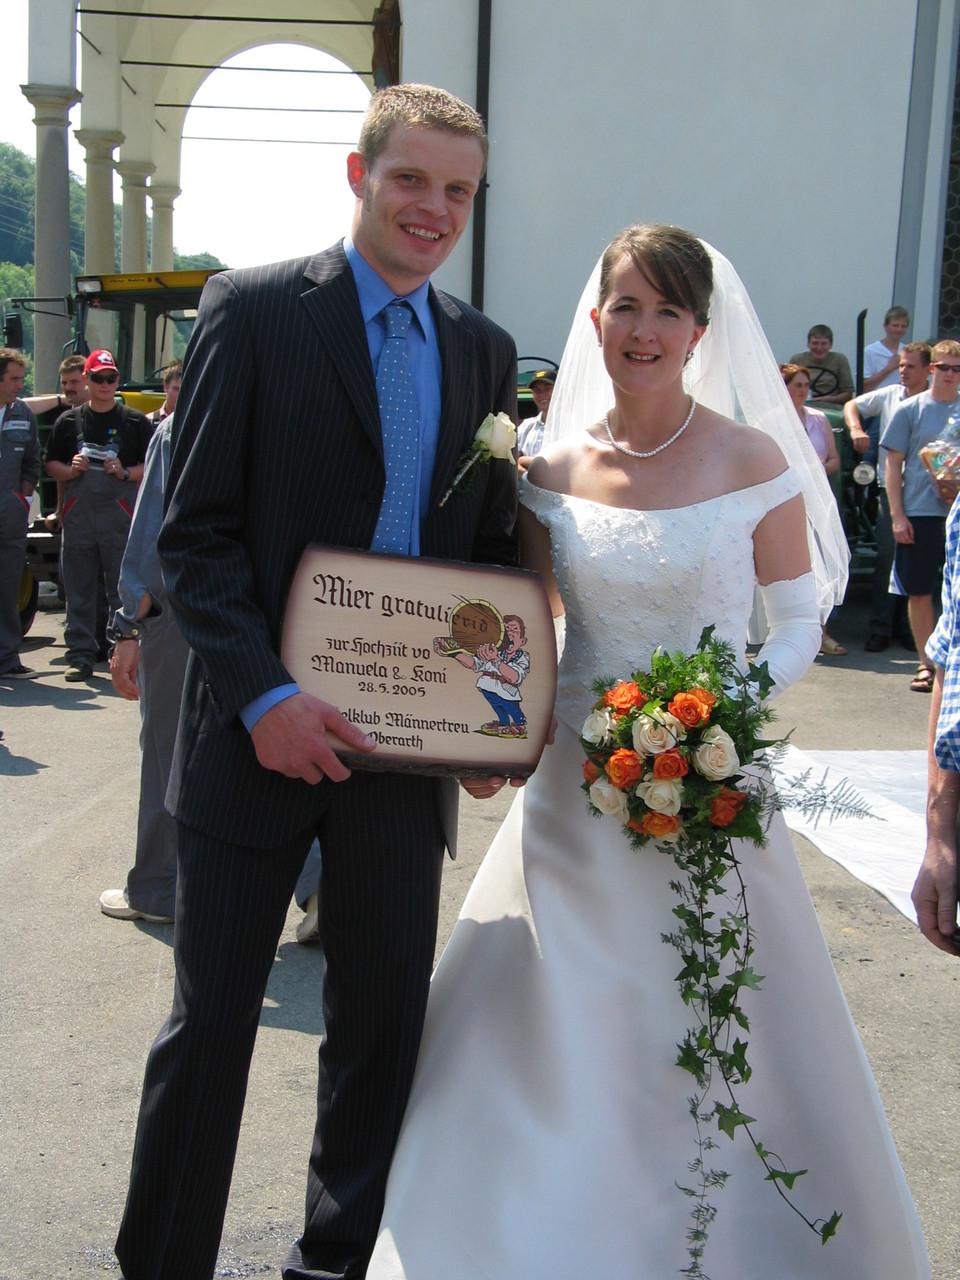 2006 Hochzeit von Koni und Manuela